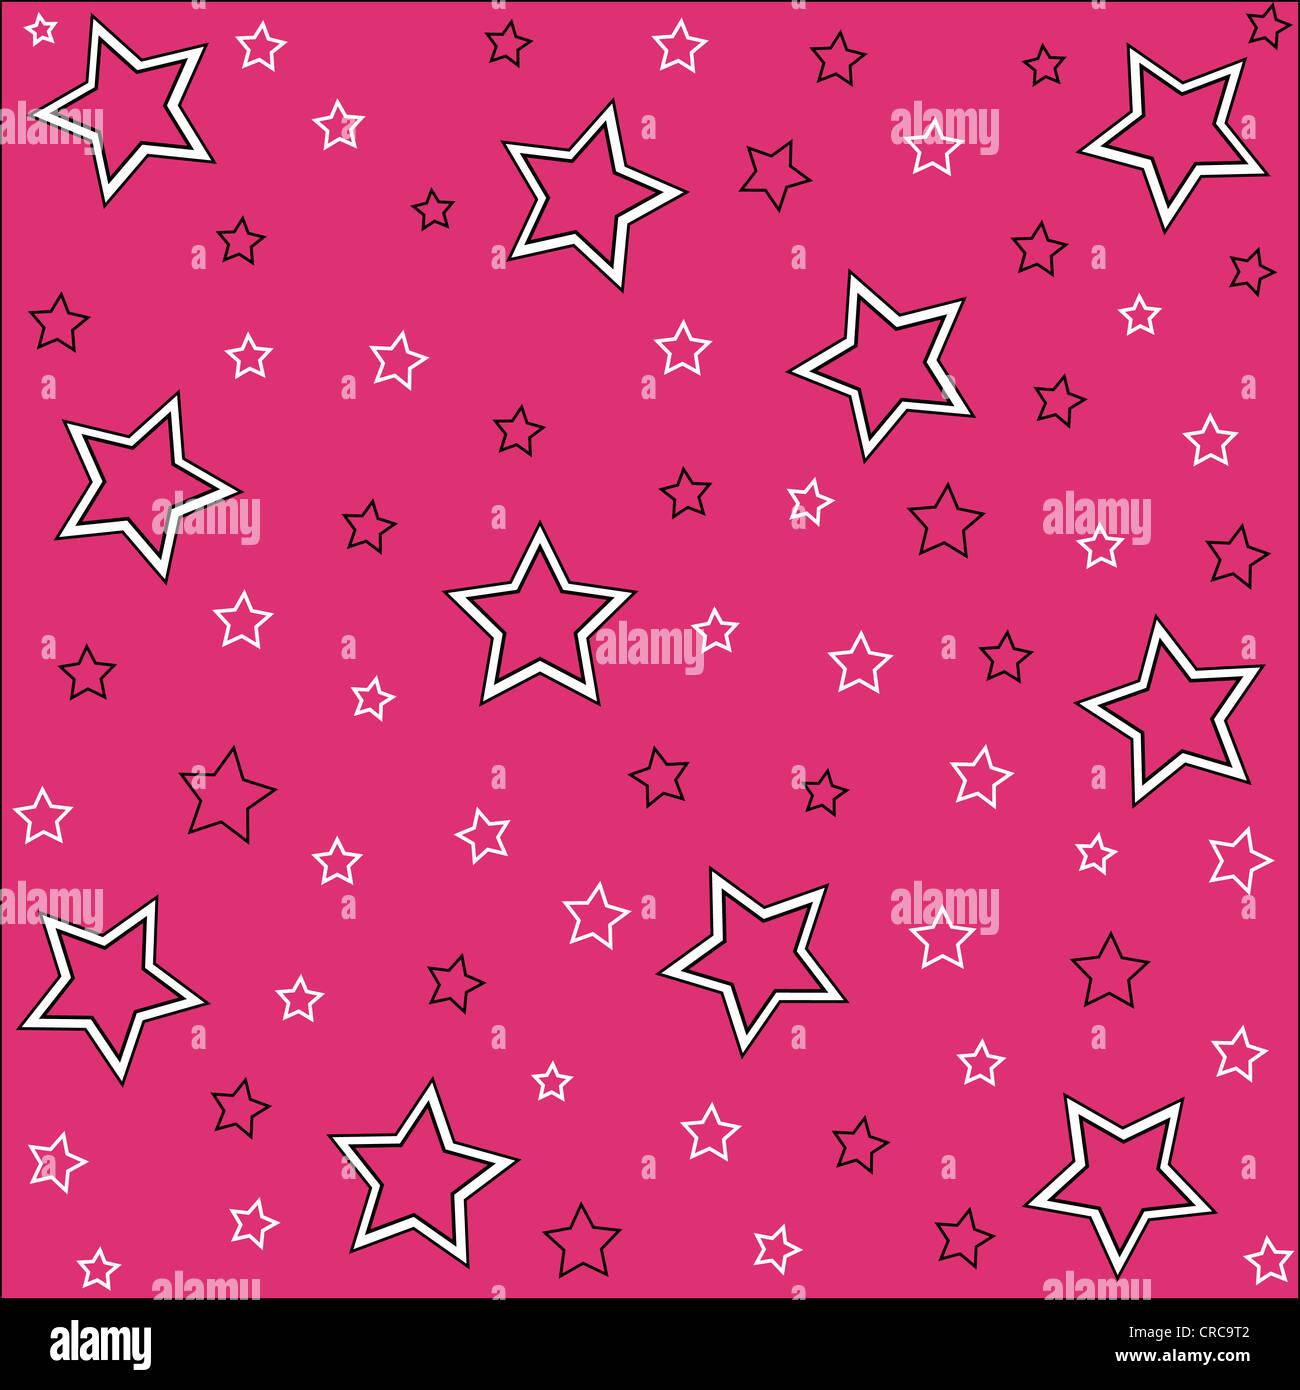 Patrón de estrellas integradas en blanco, negro y rosa Imagen De Stock